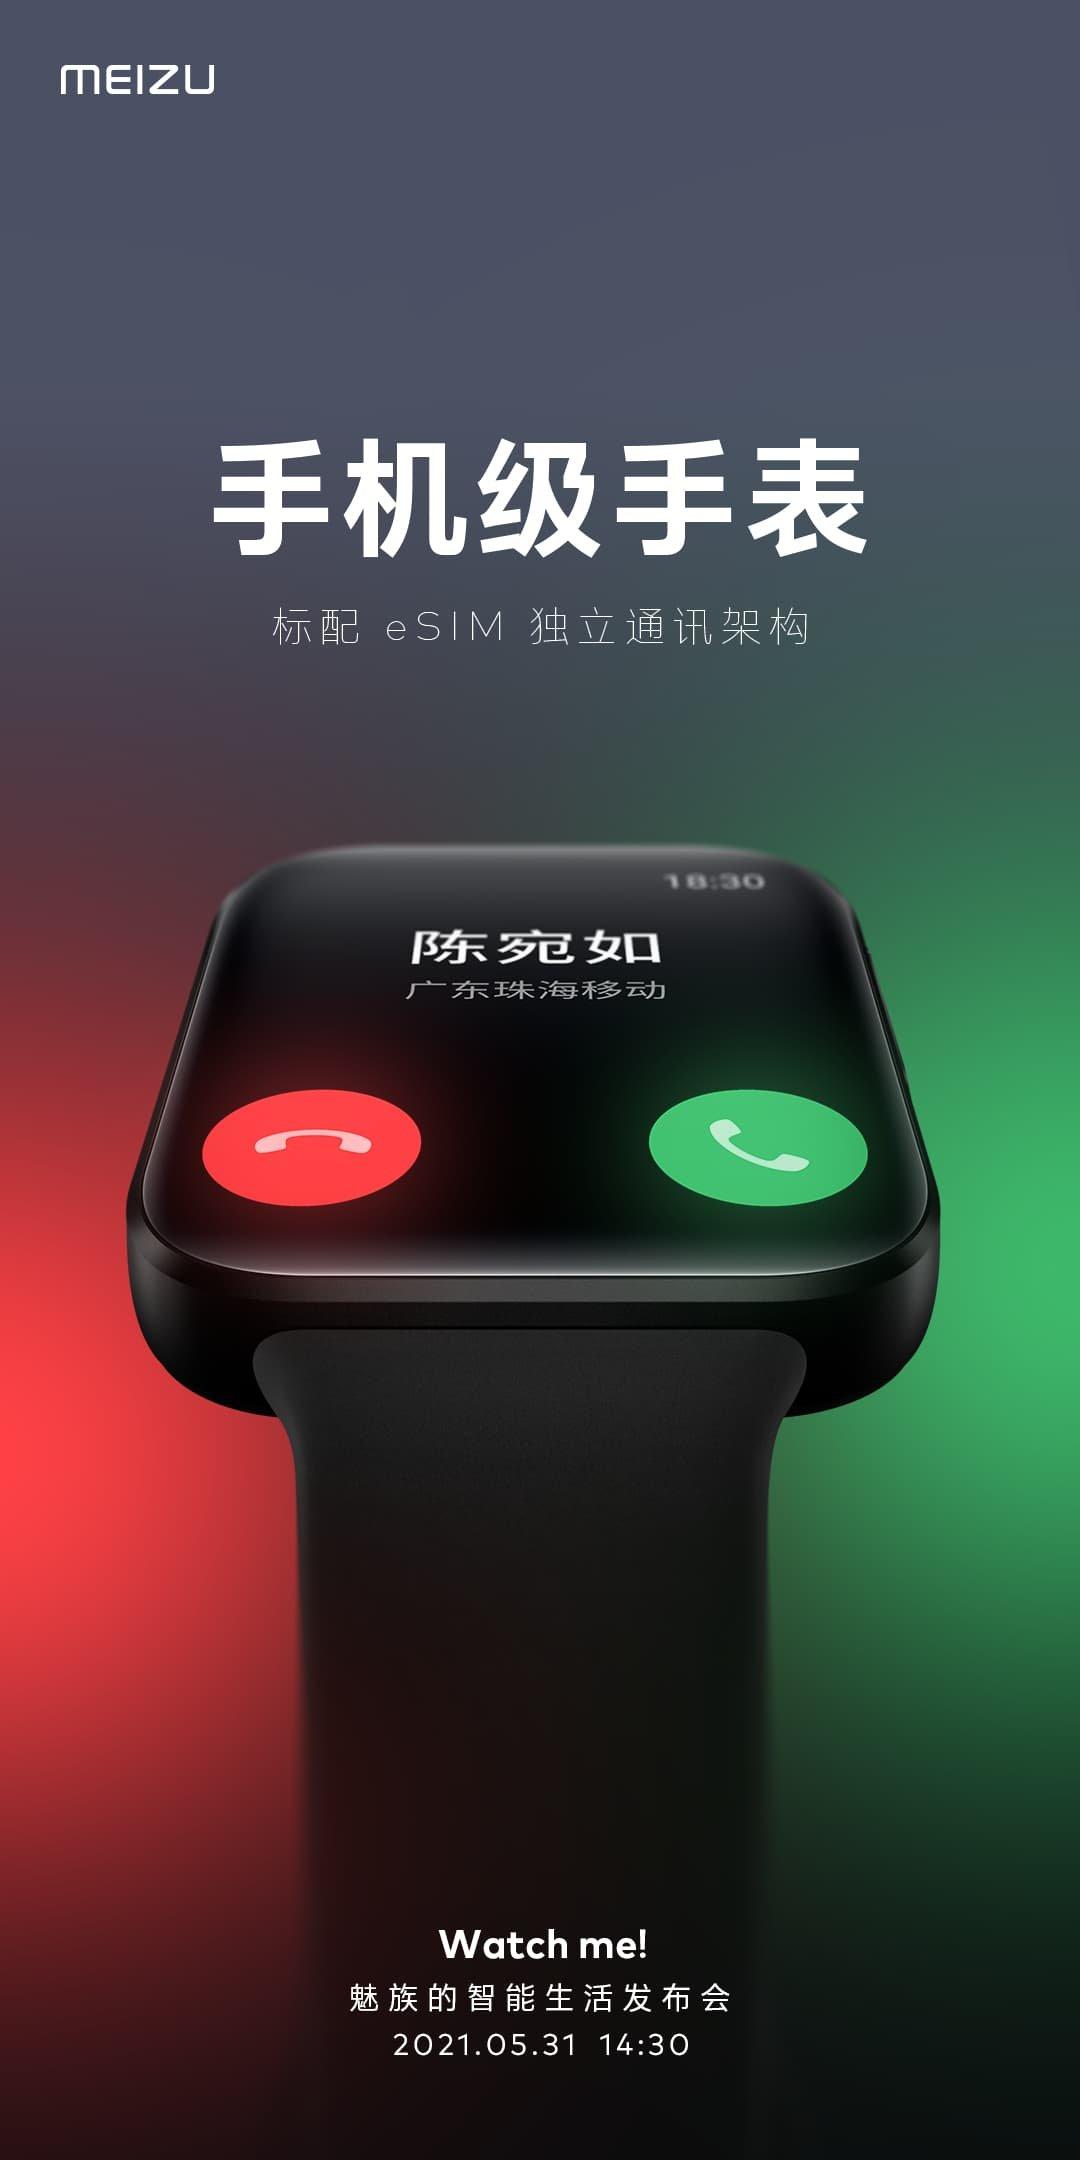 Meizu Watch Features eSIM